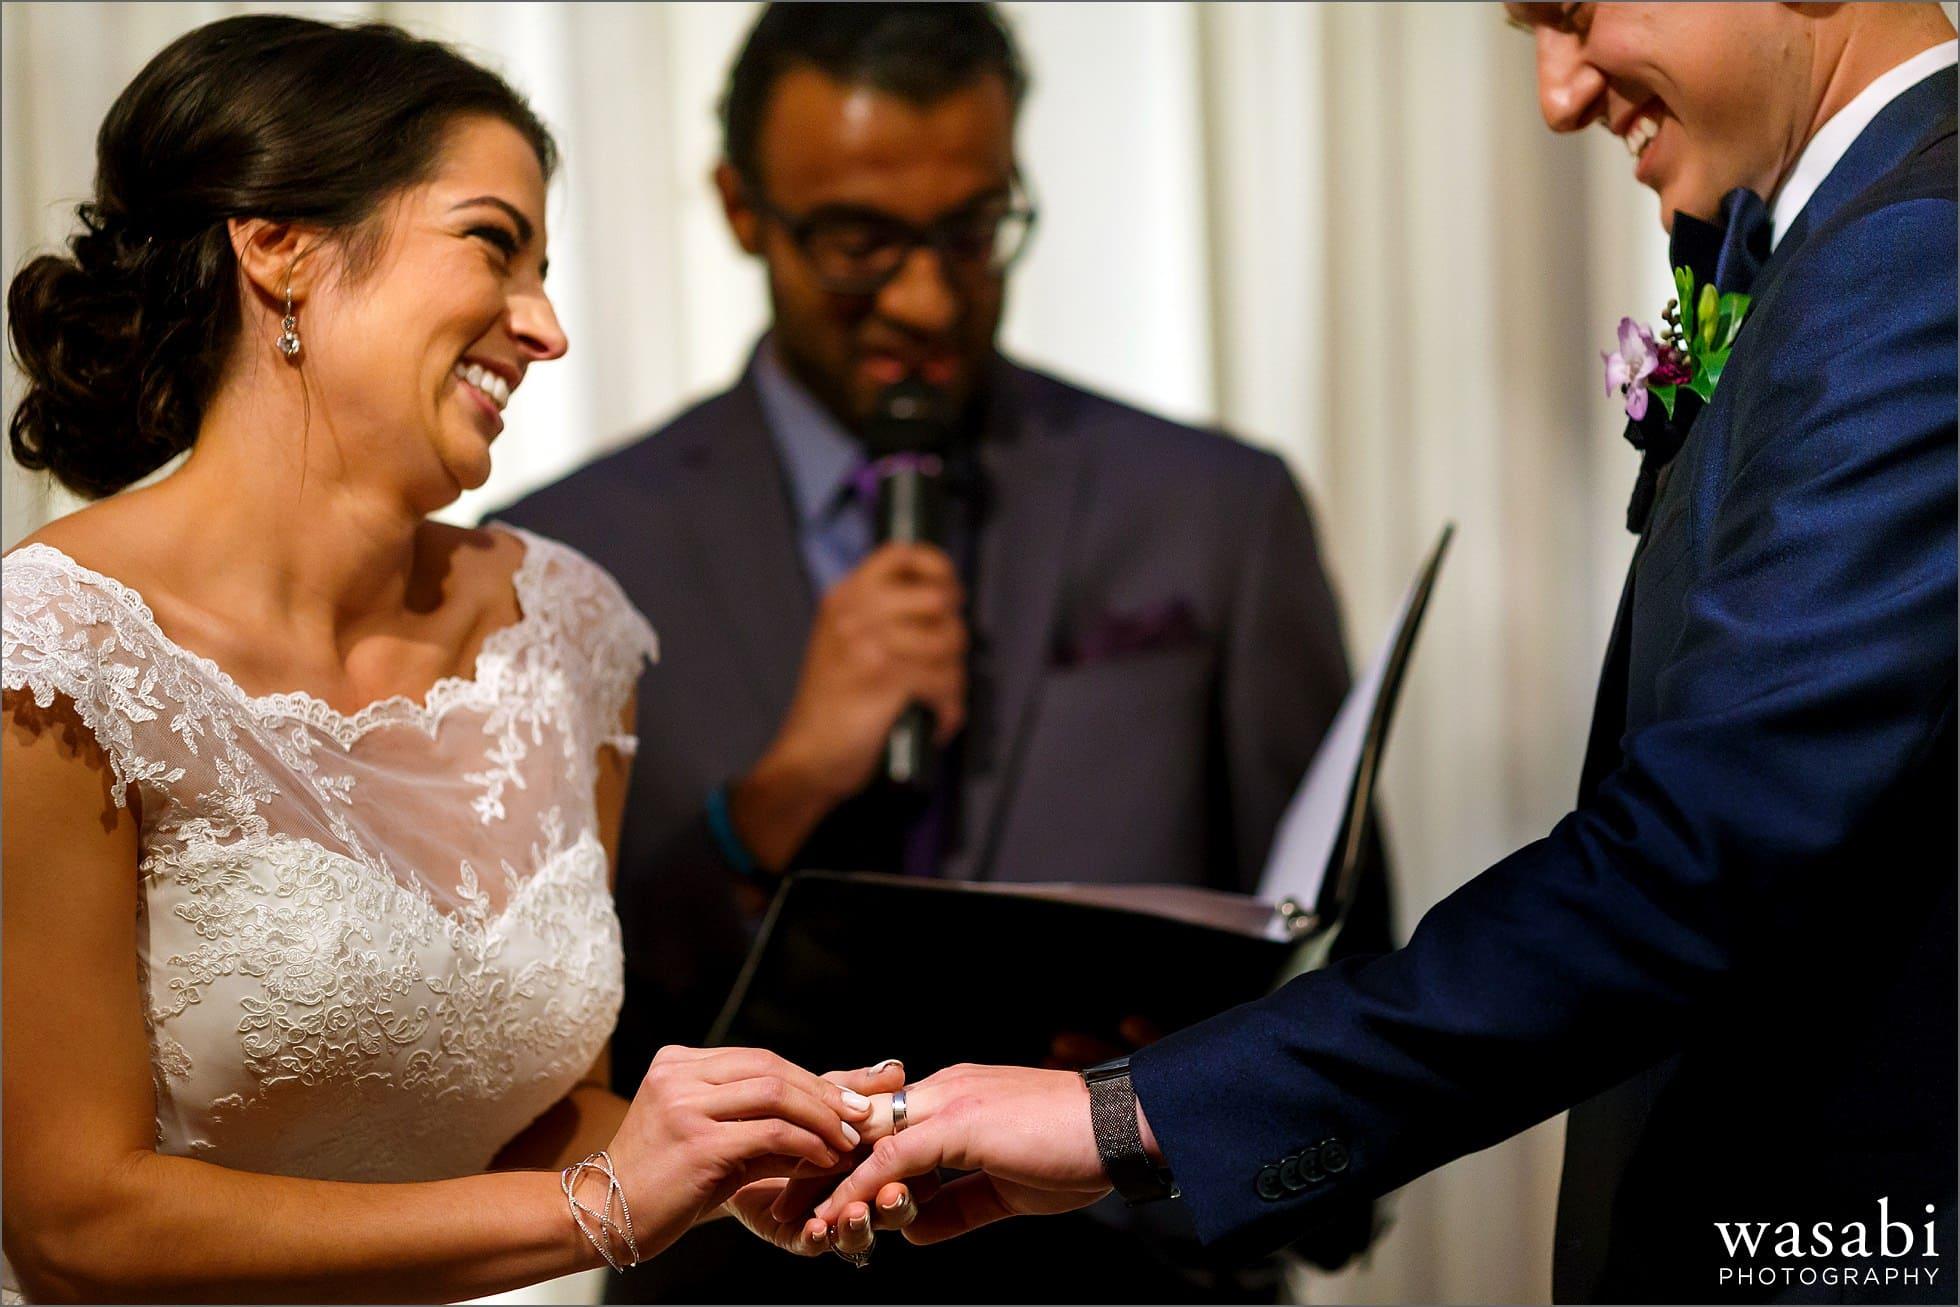 bride groom exchange wedding rings photo